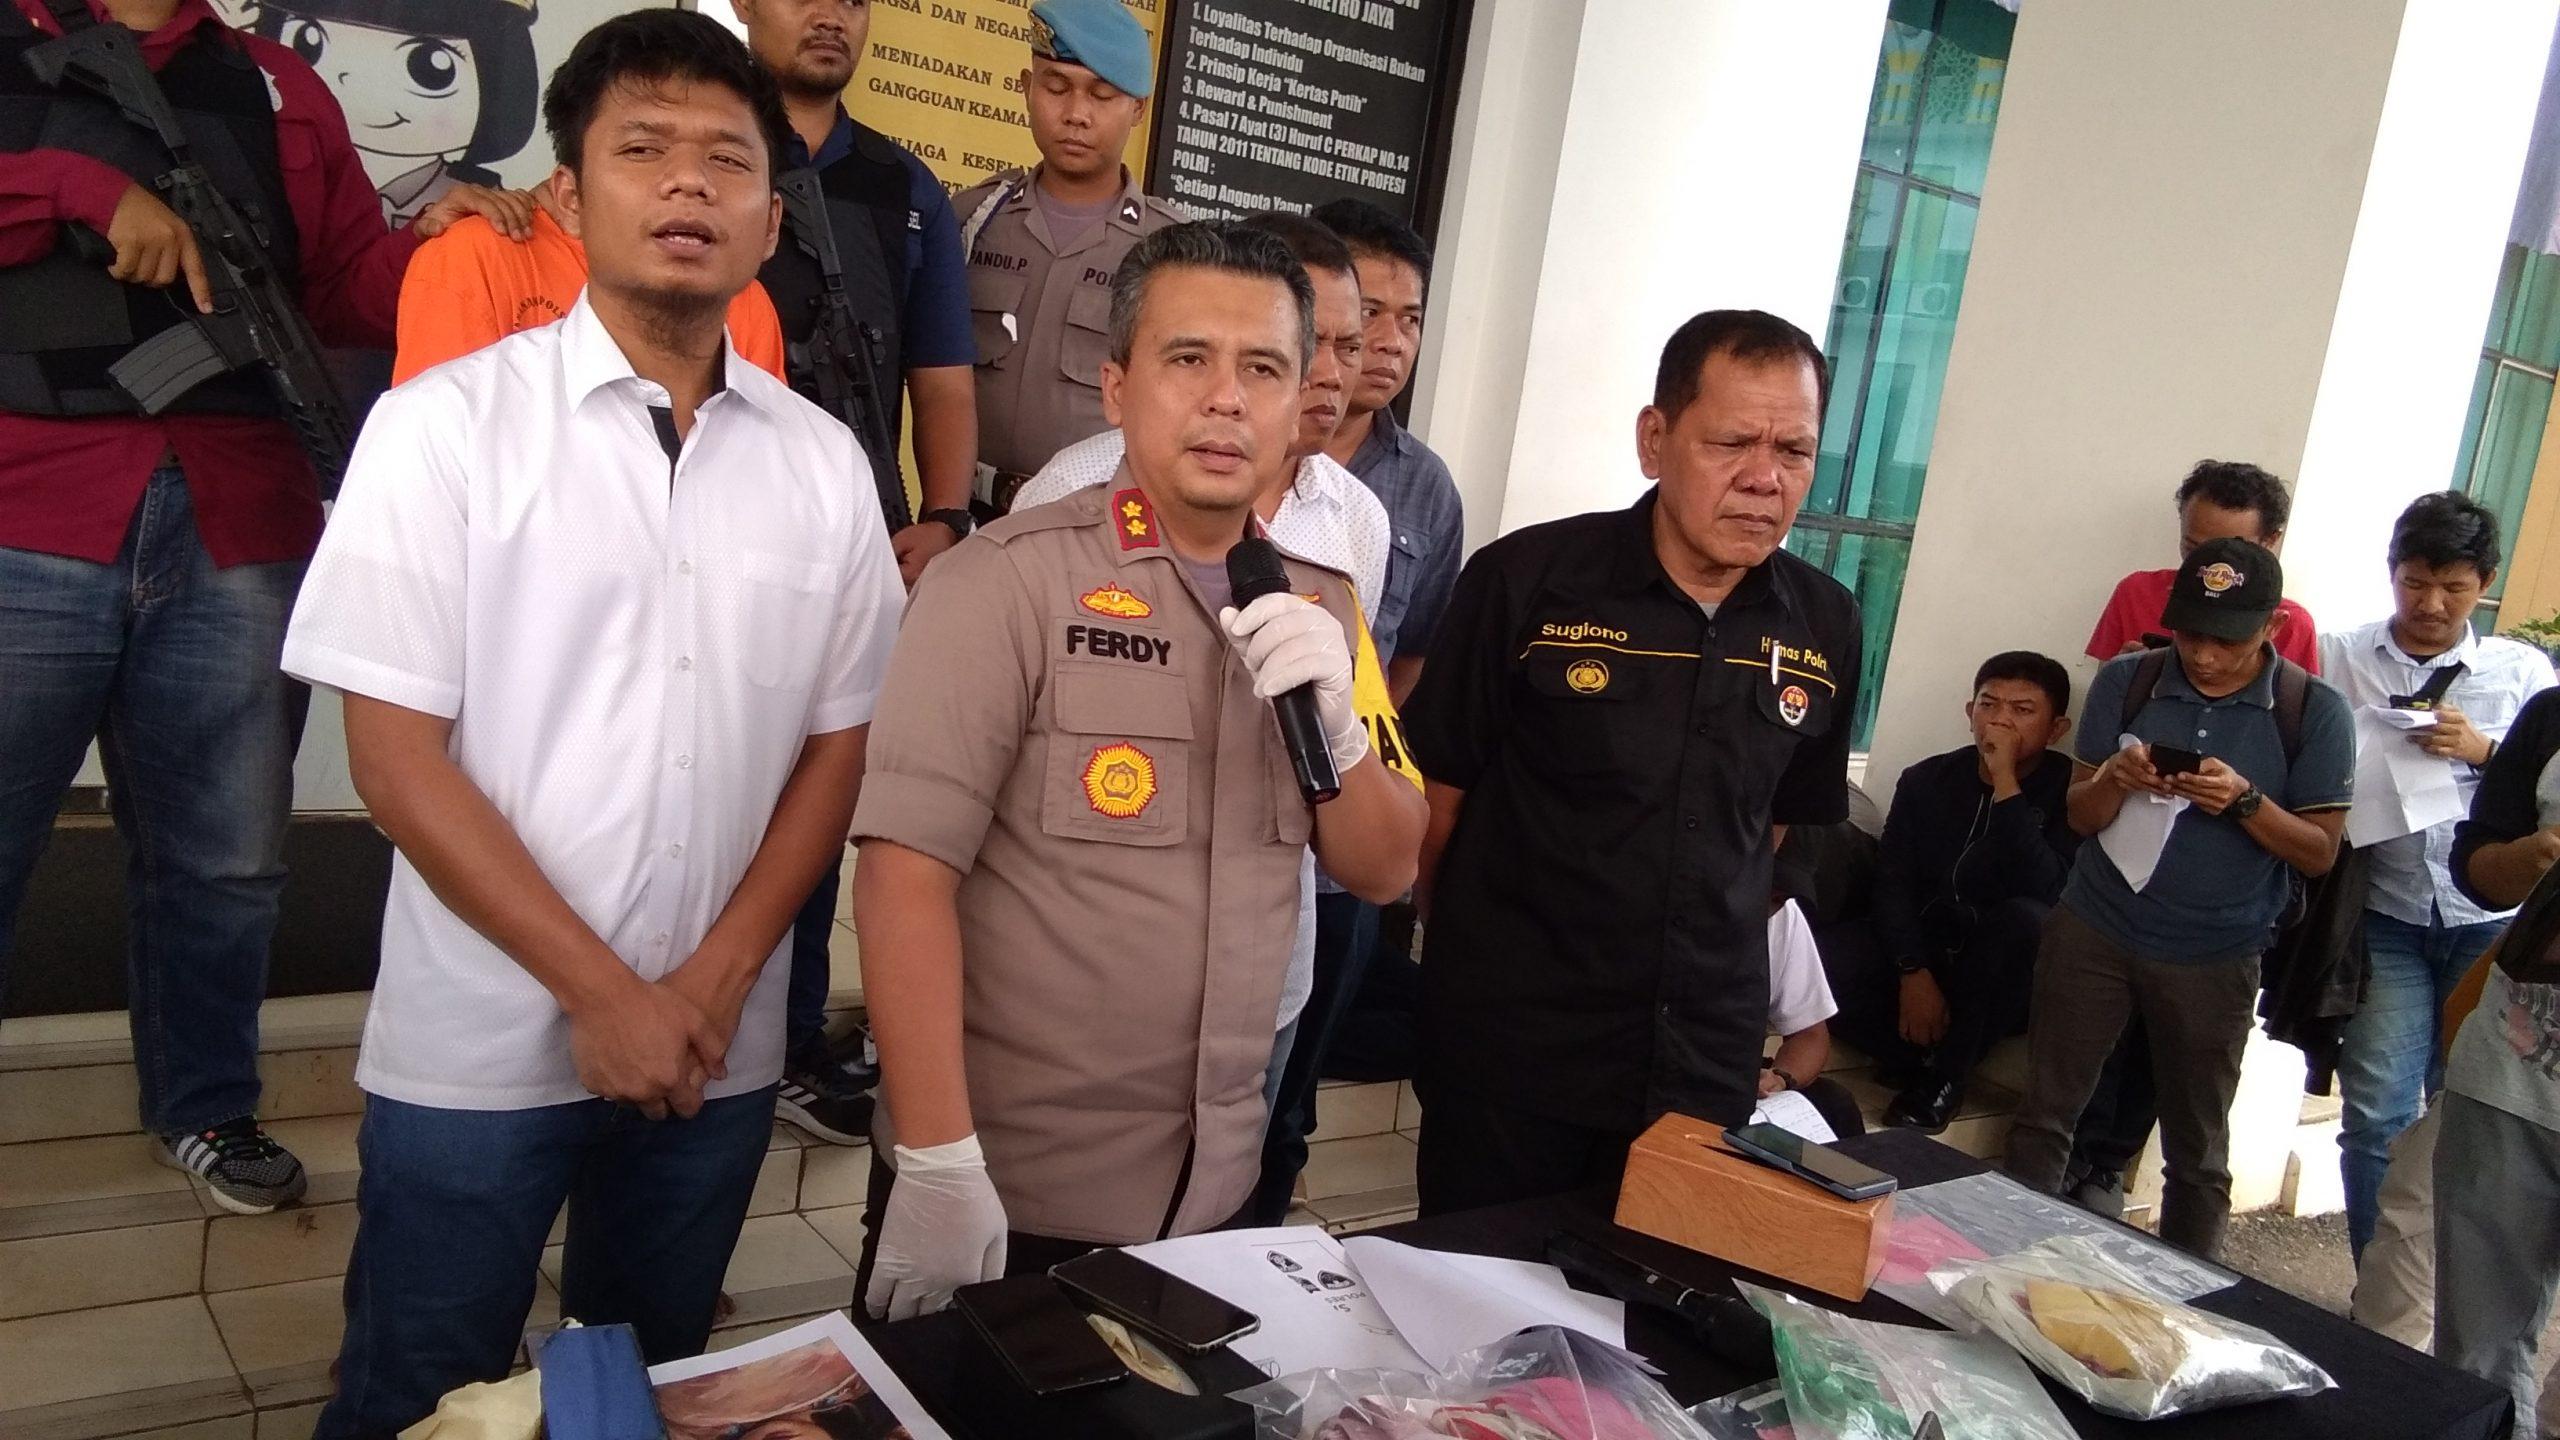 Team Vipers Polres Tangerang Selatan Ungkap Kasus Pembunuhan Secara Paksa Yang Menyebabkan Korban Meninggal Dunia